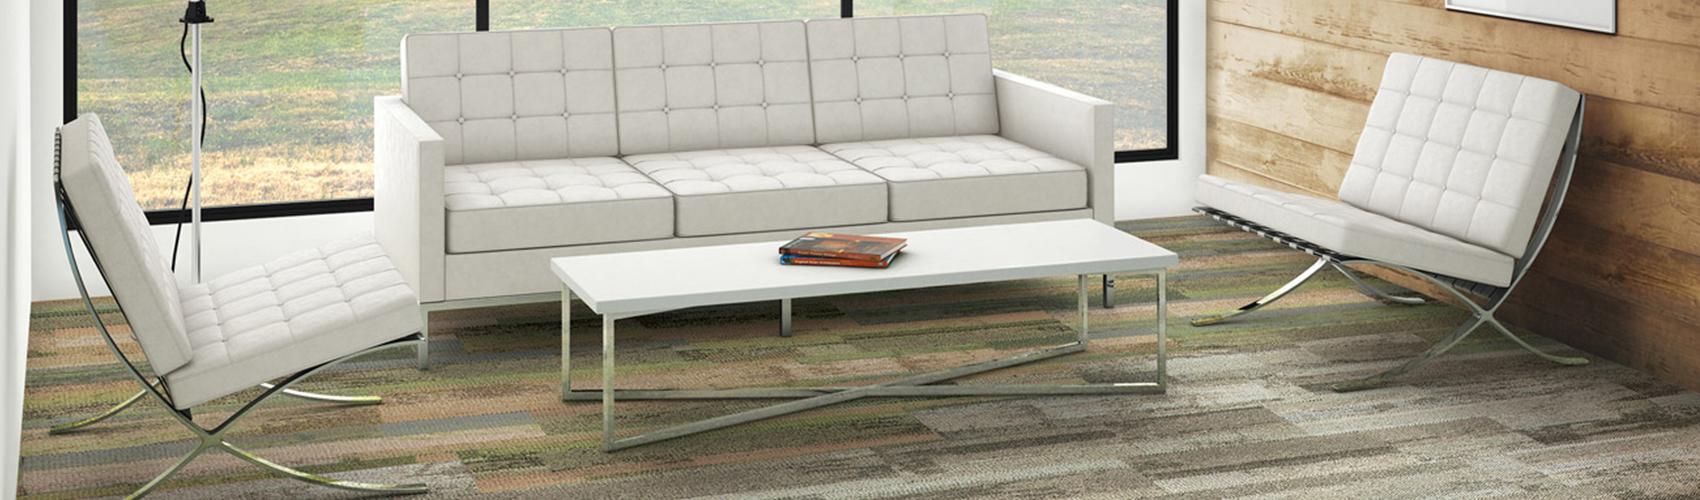 שטיחי אריחים, קולקציית Reclaim מחומרים ממוחזרים   אינובייט